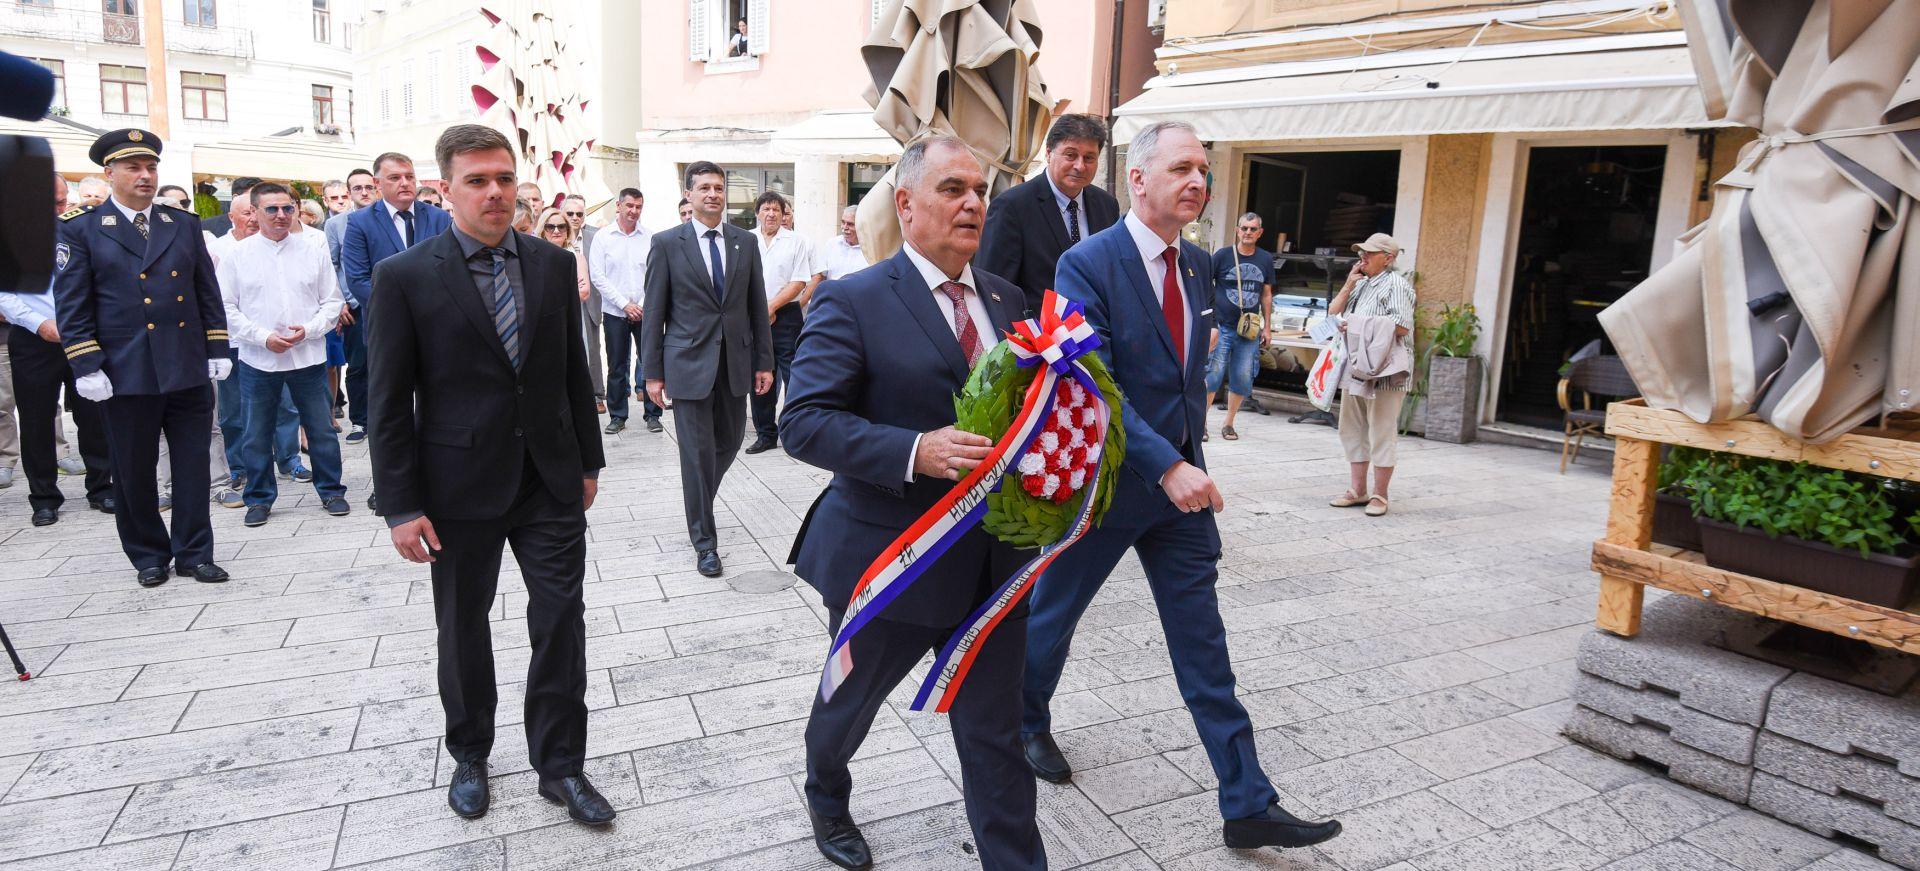 """Dan državnosti u Splitu: """"Potrebno nam je zajedništvo kao 90-ih"""""""